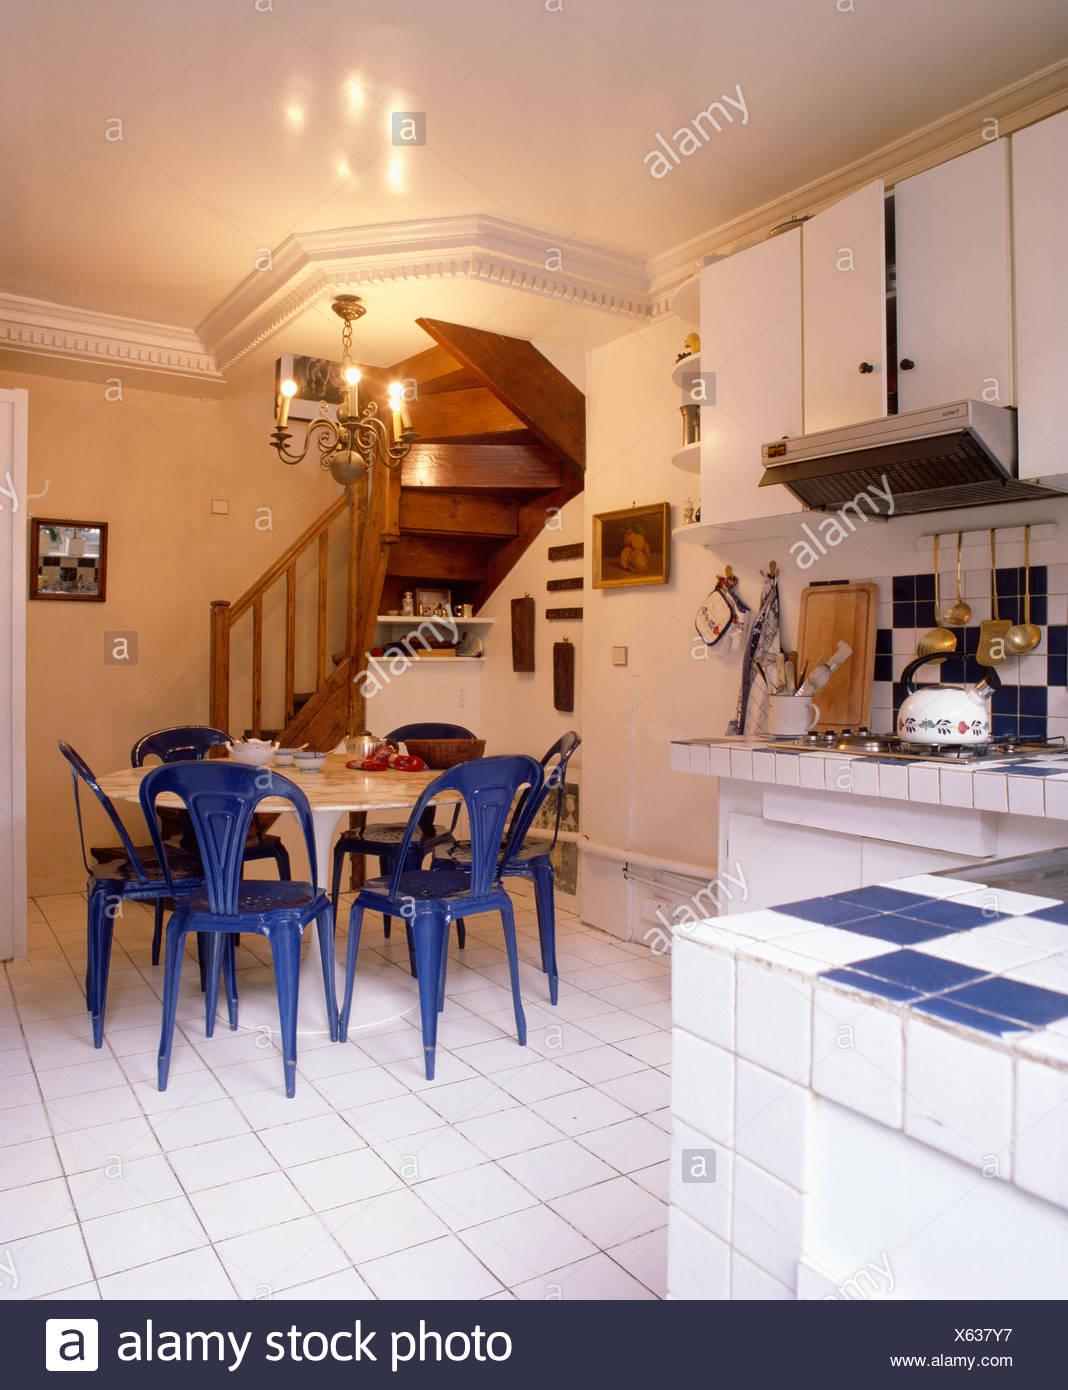 Kronleuchter über Dem Weißen Tisch Mit Blauen Stühlen In Weiße Küche Mit  Weißen Fliesenboden